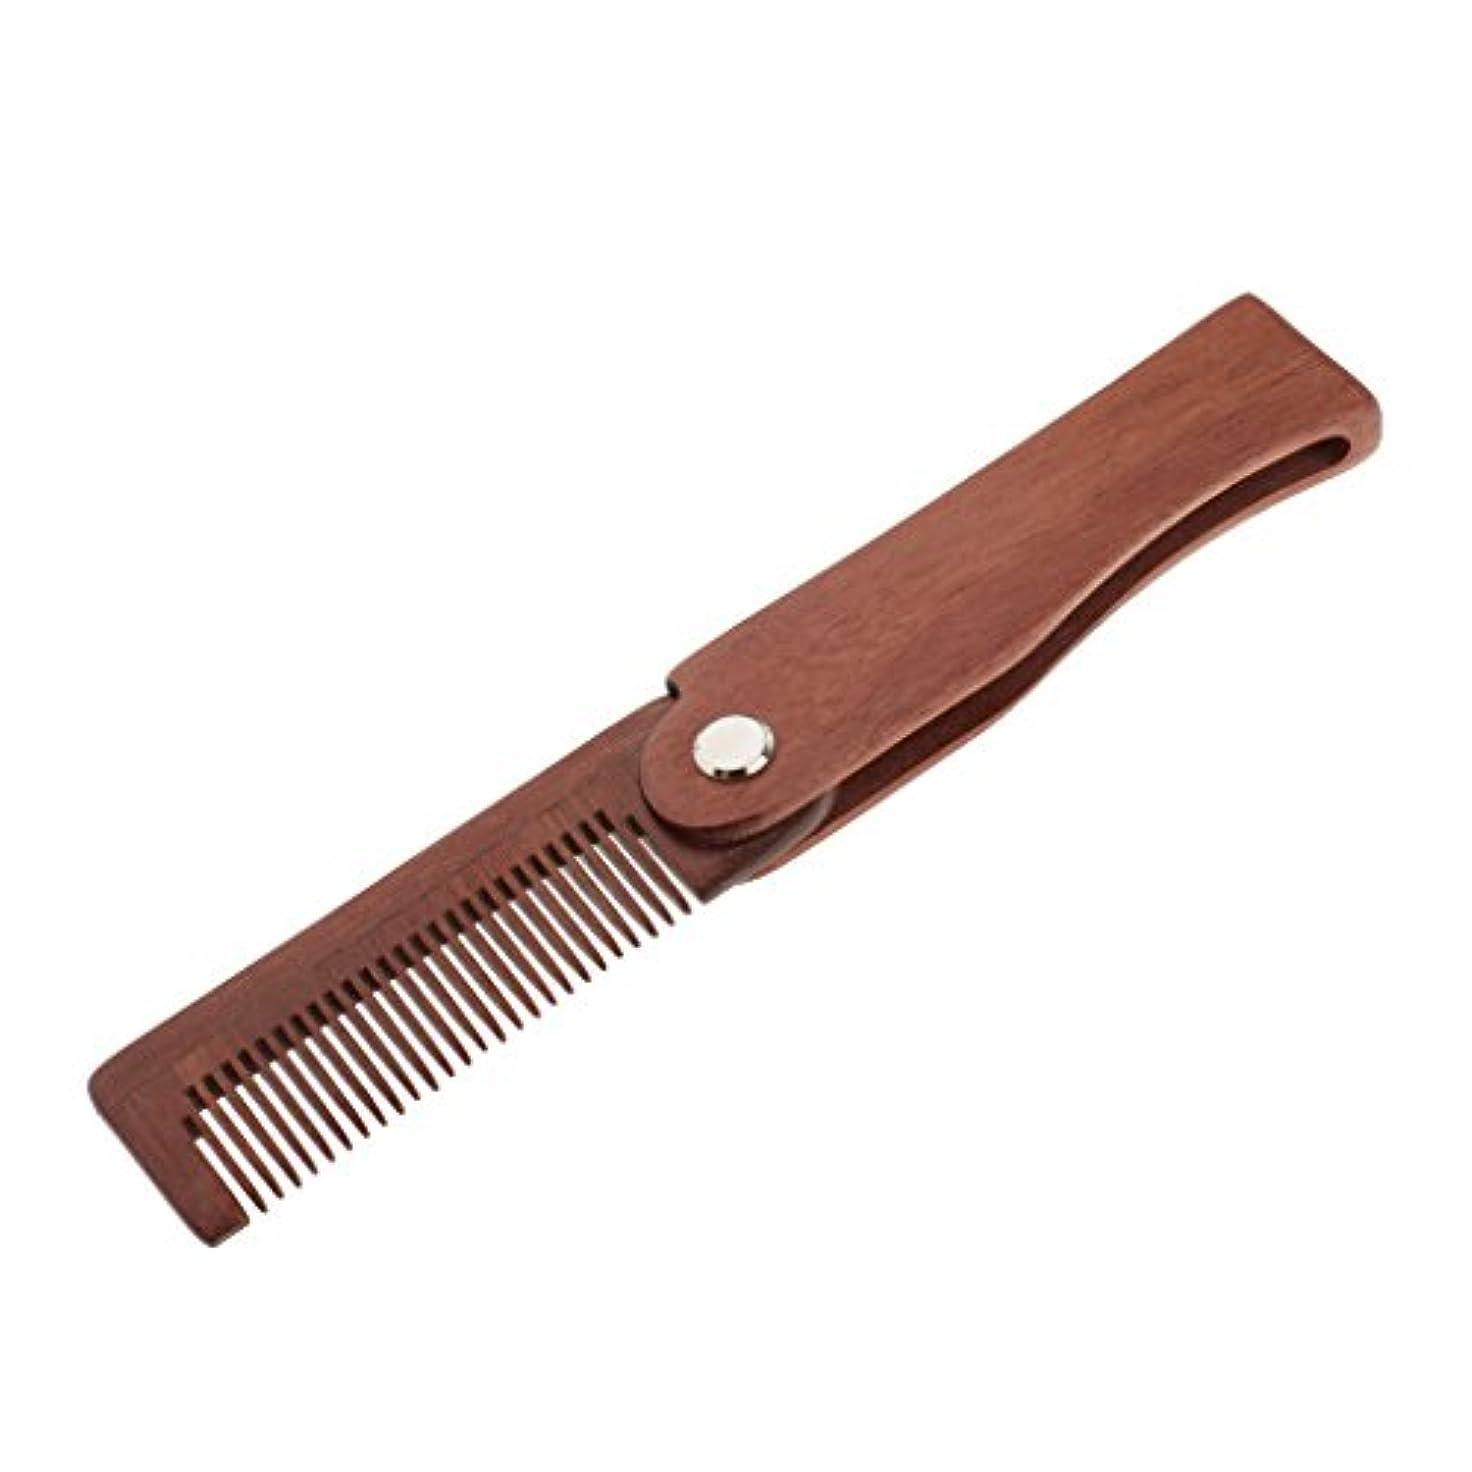 概要金額重要な役割を果たす、中心的な手段となるひげ剃り櫛 木製櫛 折りたたみ コーム メンズ 髭剃り 便利 旅行小物